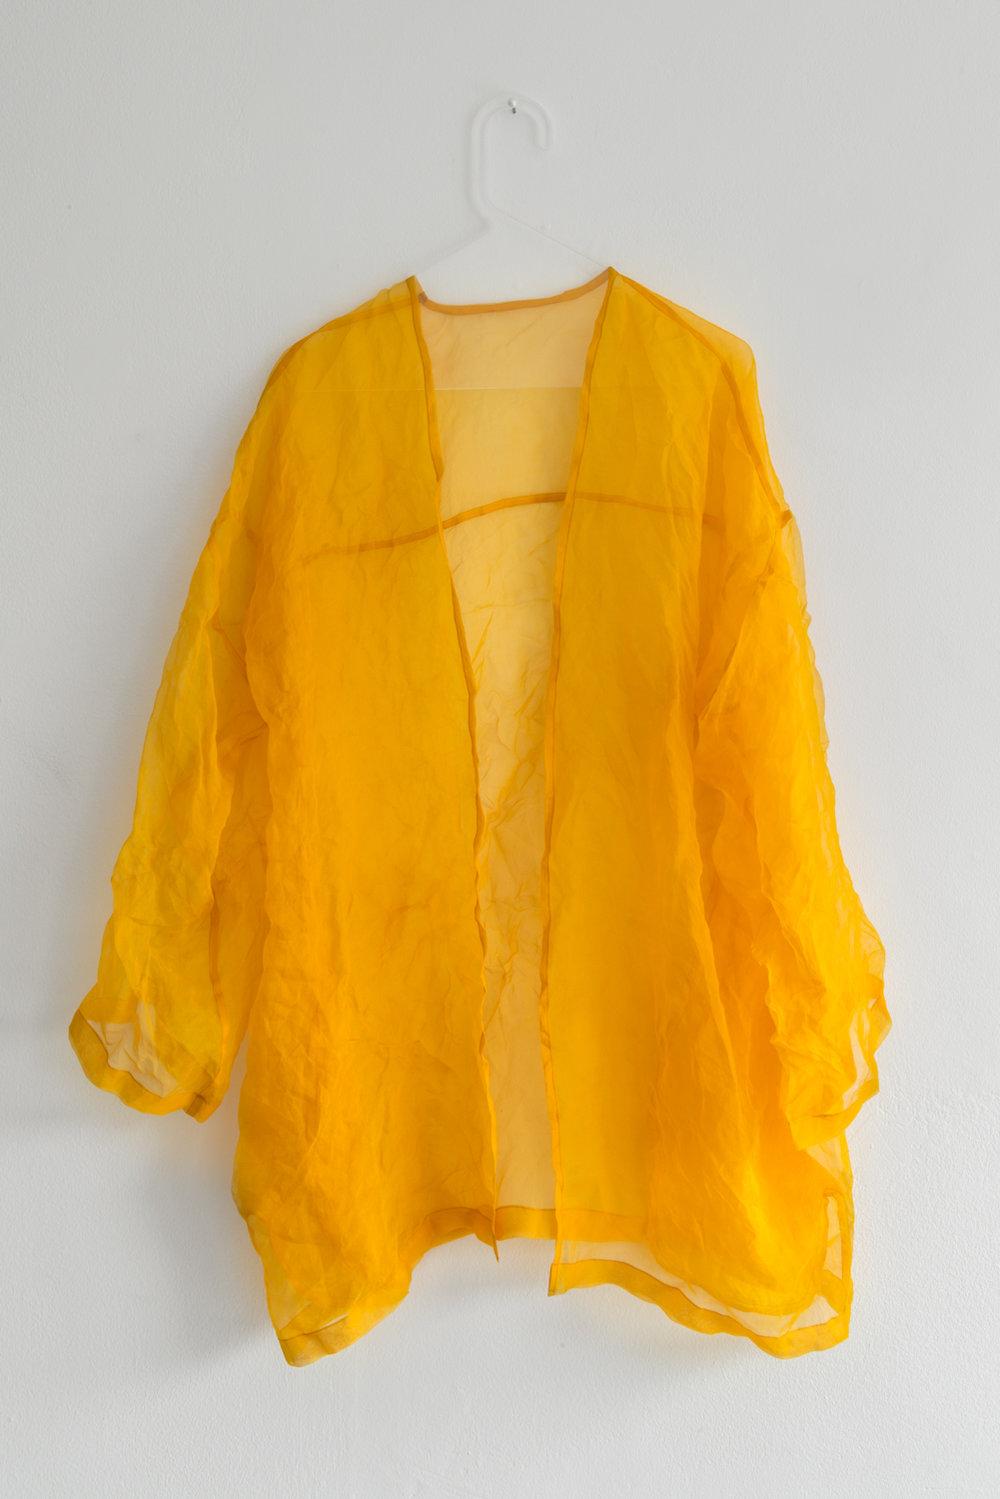 Kristin Dickson-Okuka Sacral Chakra, Orange Tumeric dyed silk organza with plexi hanger